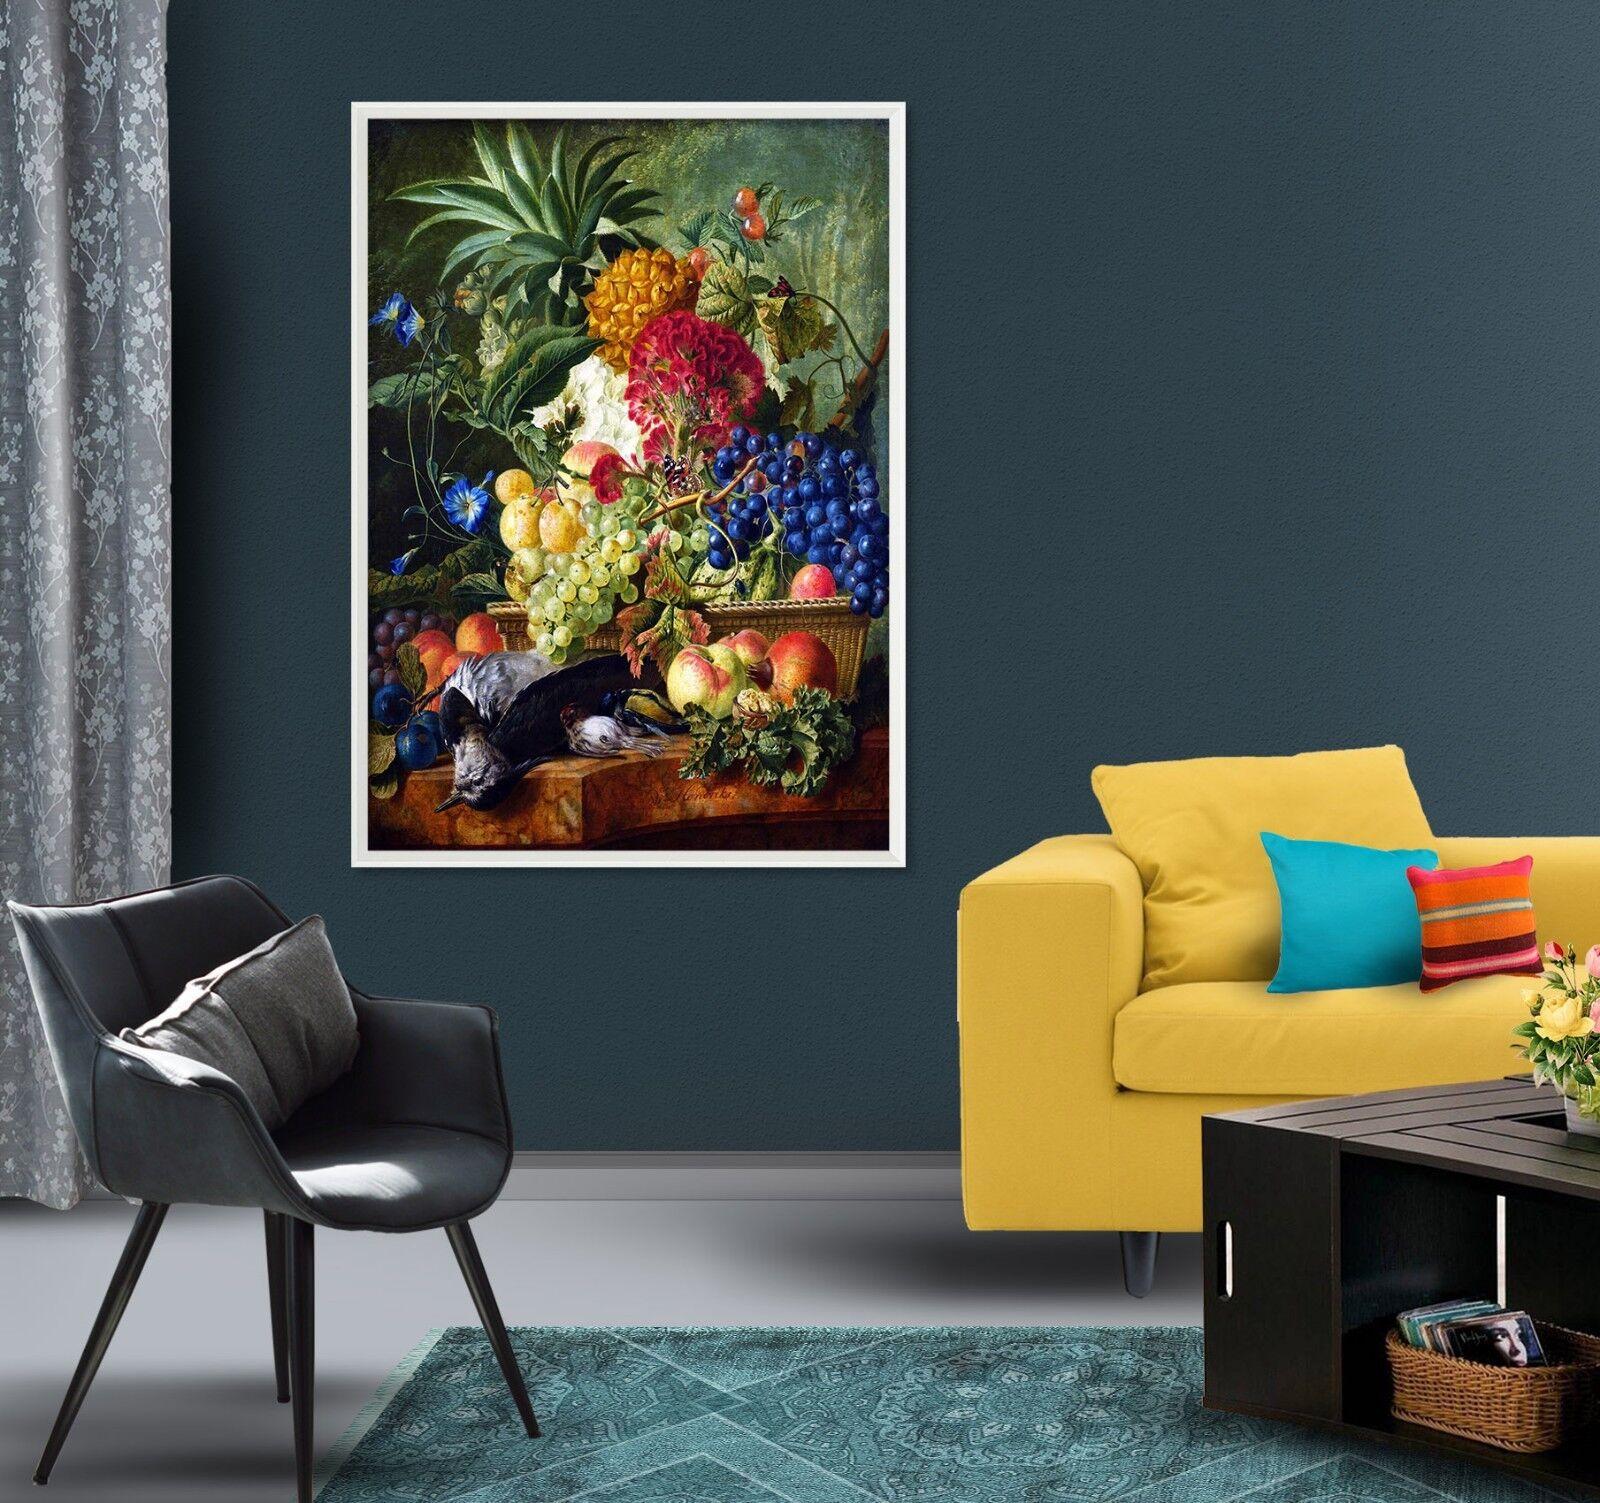 3D Fruit Flower Animal 3 Framed Poster Home Decor Print Painting Art WALLPAPER